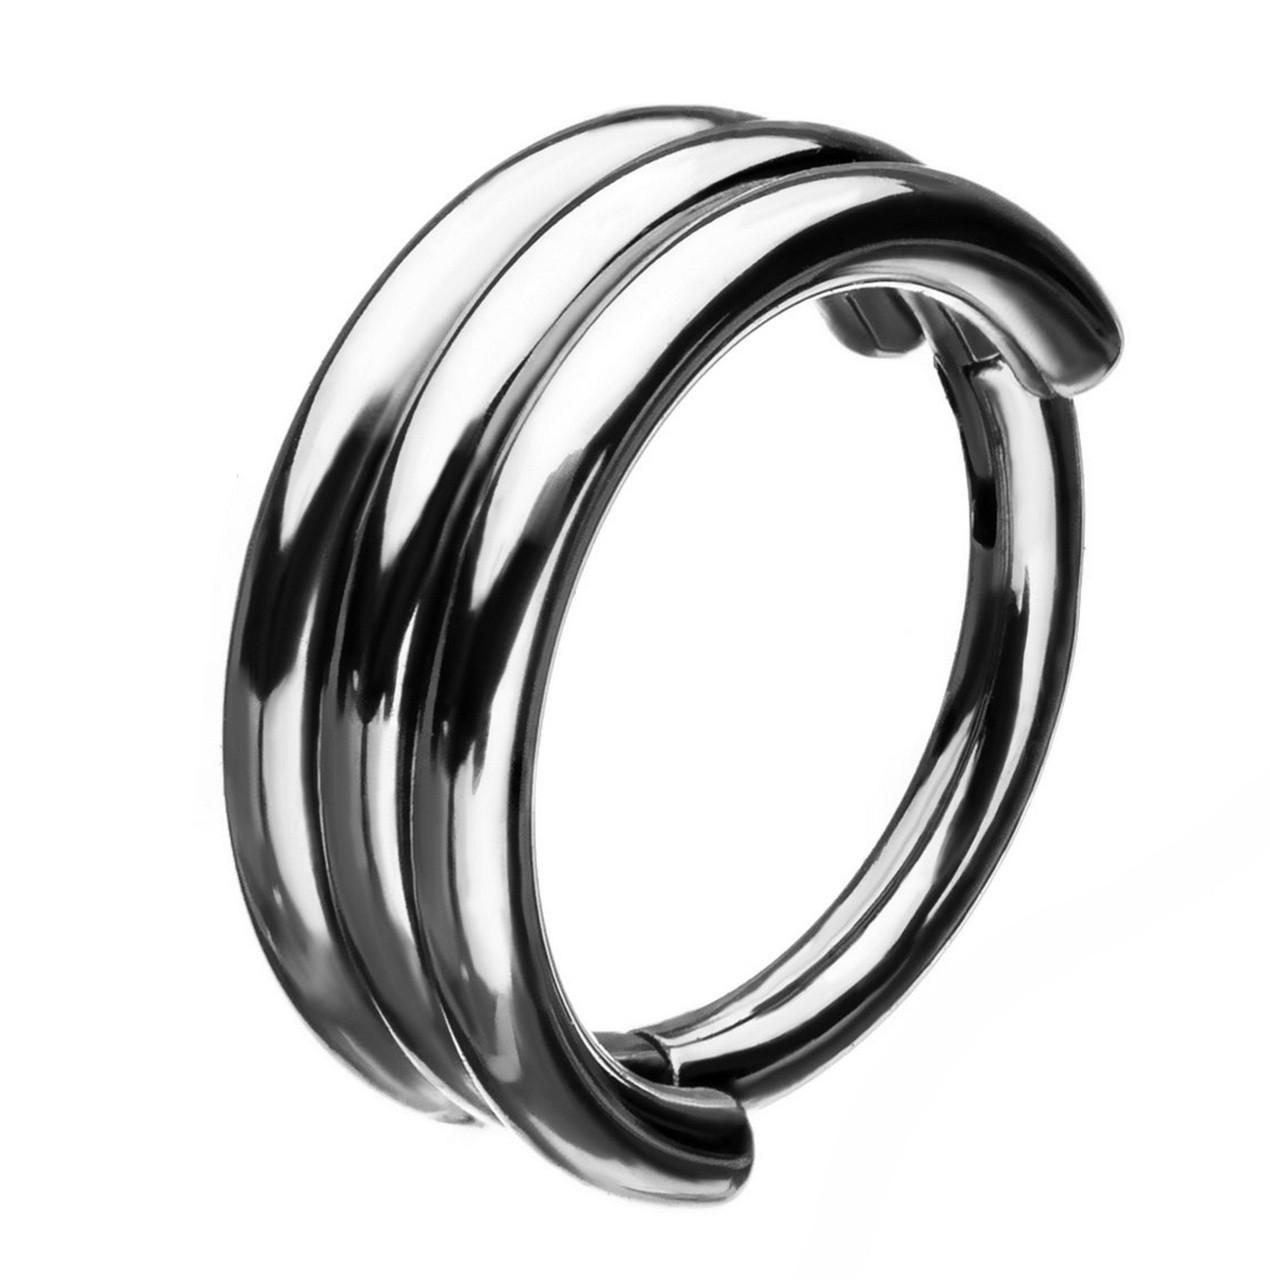 2c758026aa0 Triple Stack Steel Hinged Segment Ring Hoop 18G-16G